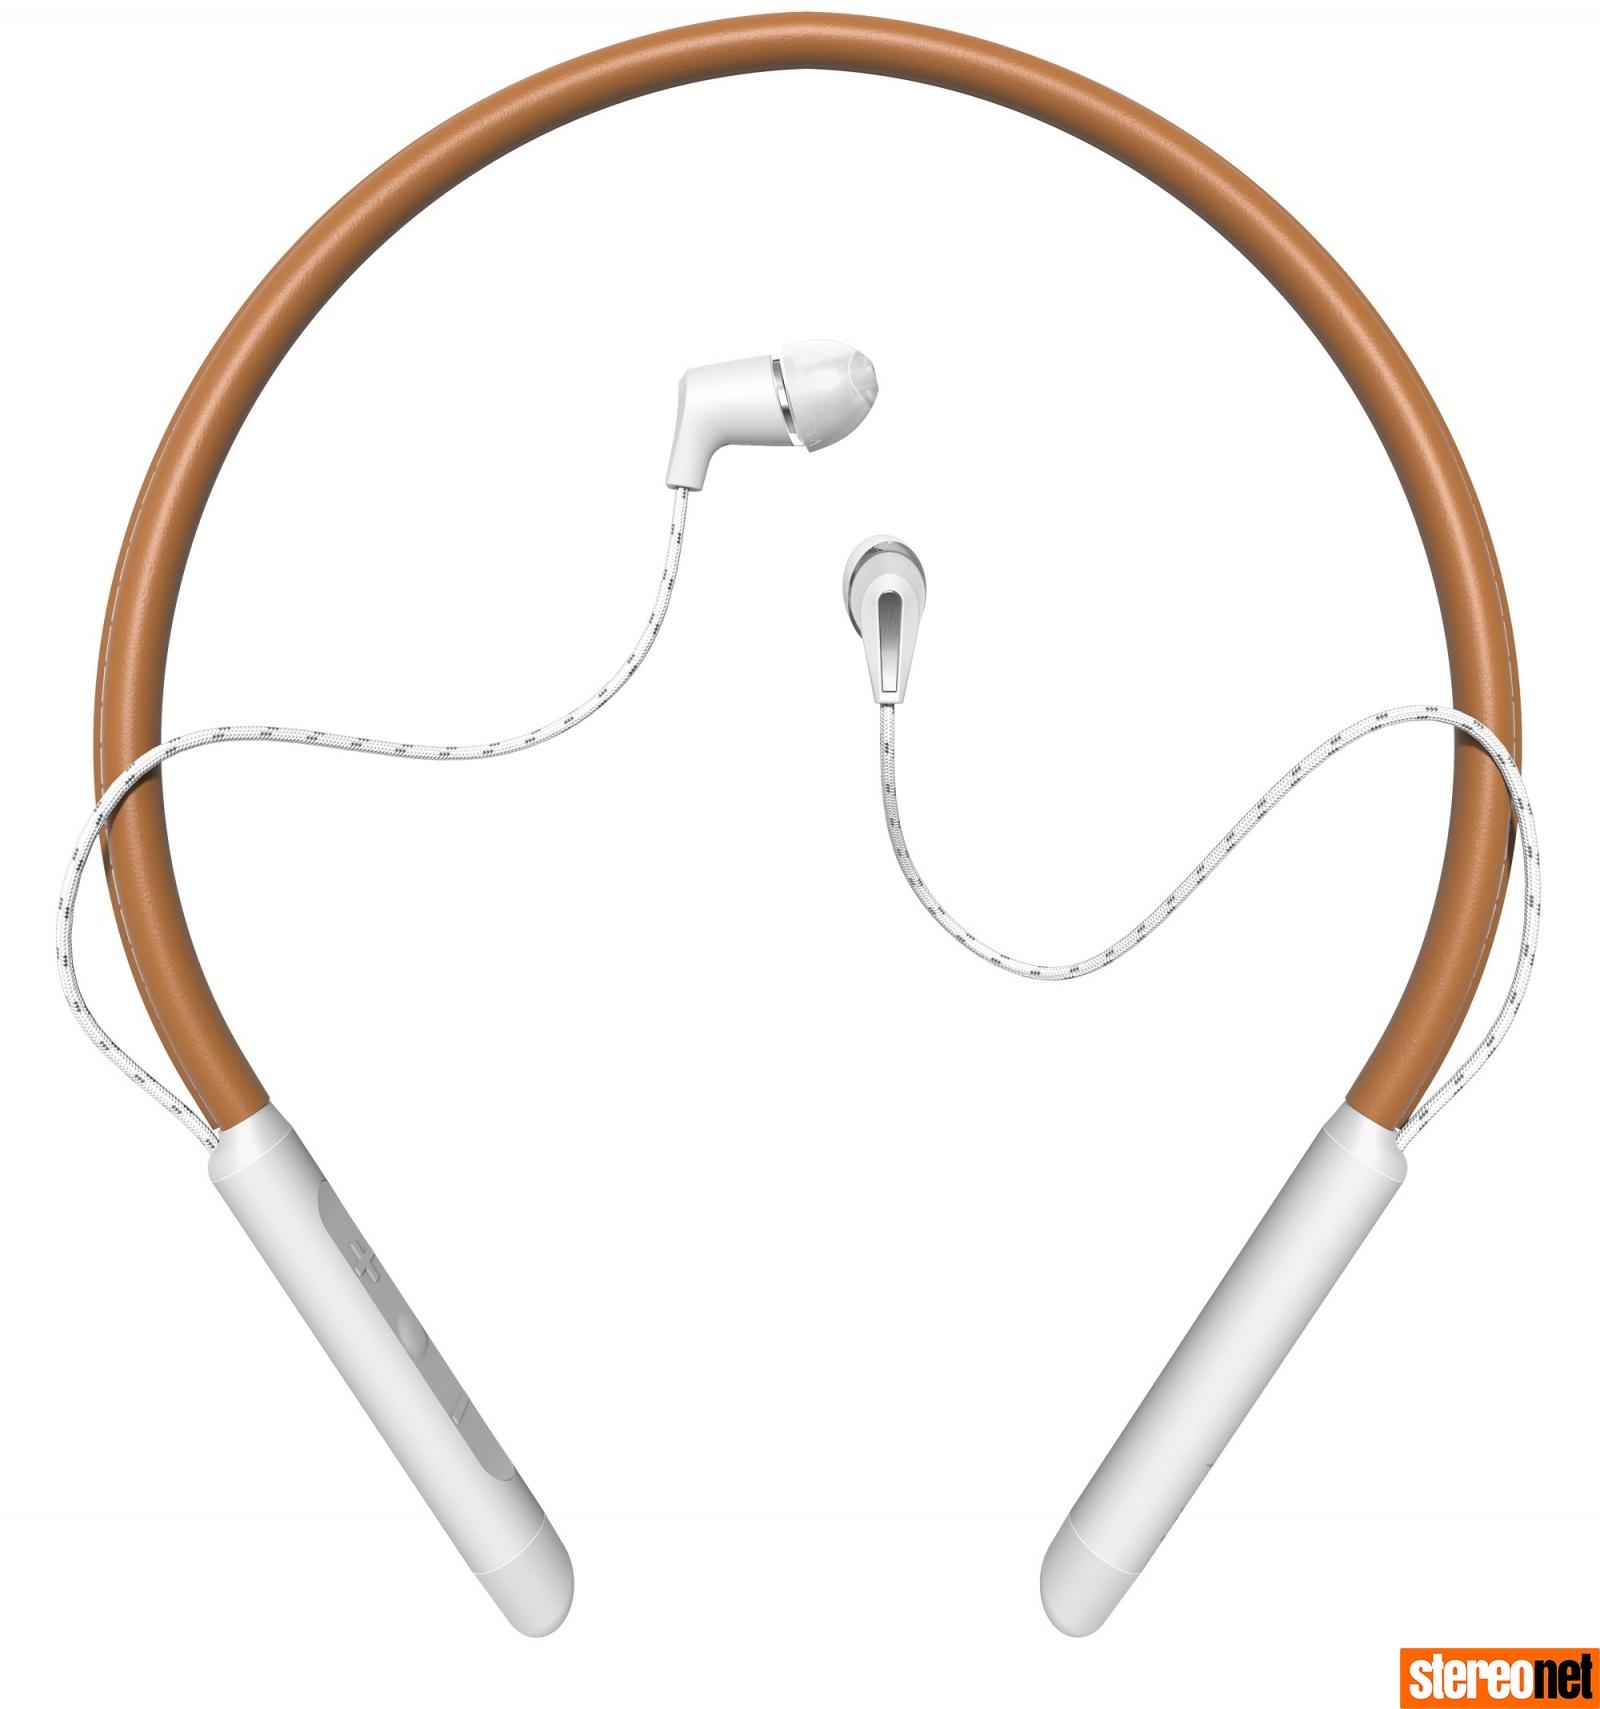 Klipsch T5 earphones